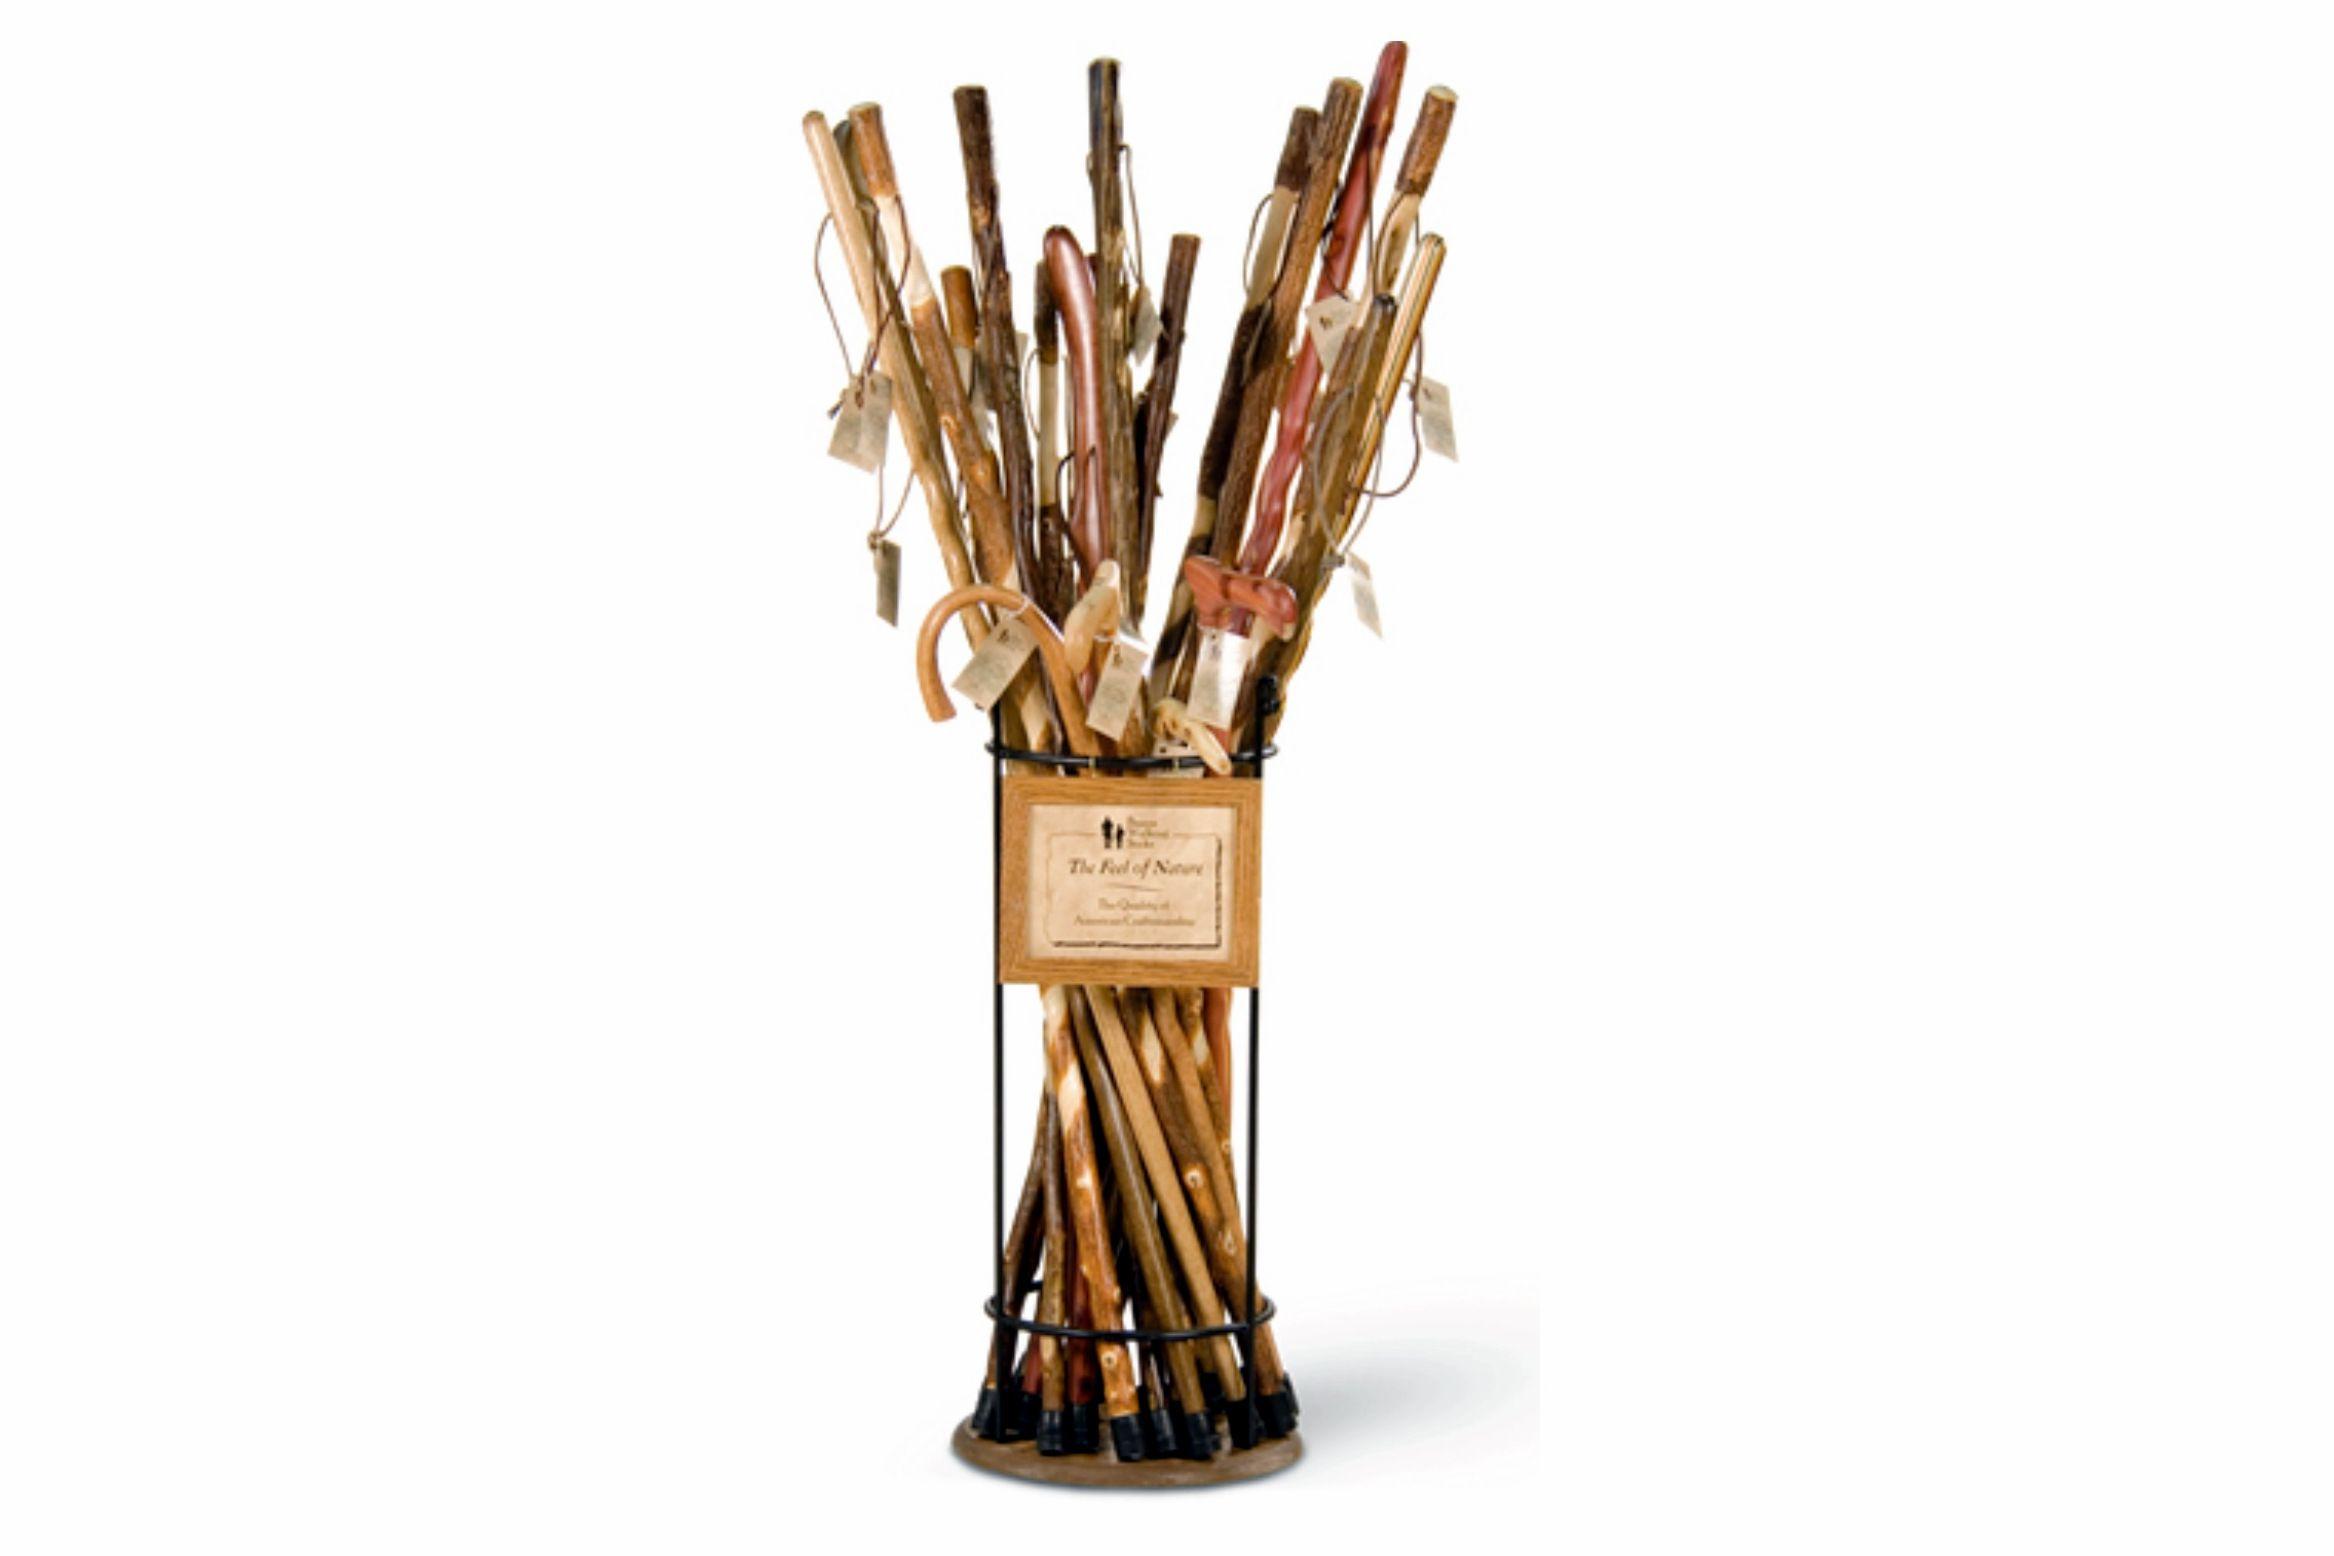 Metal vs Wood for Walking Sticks